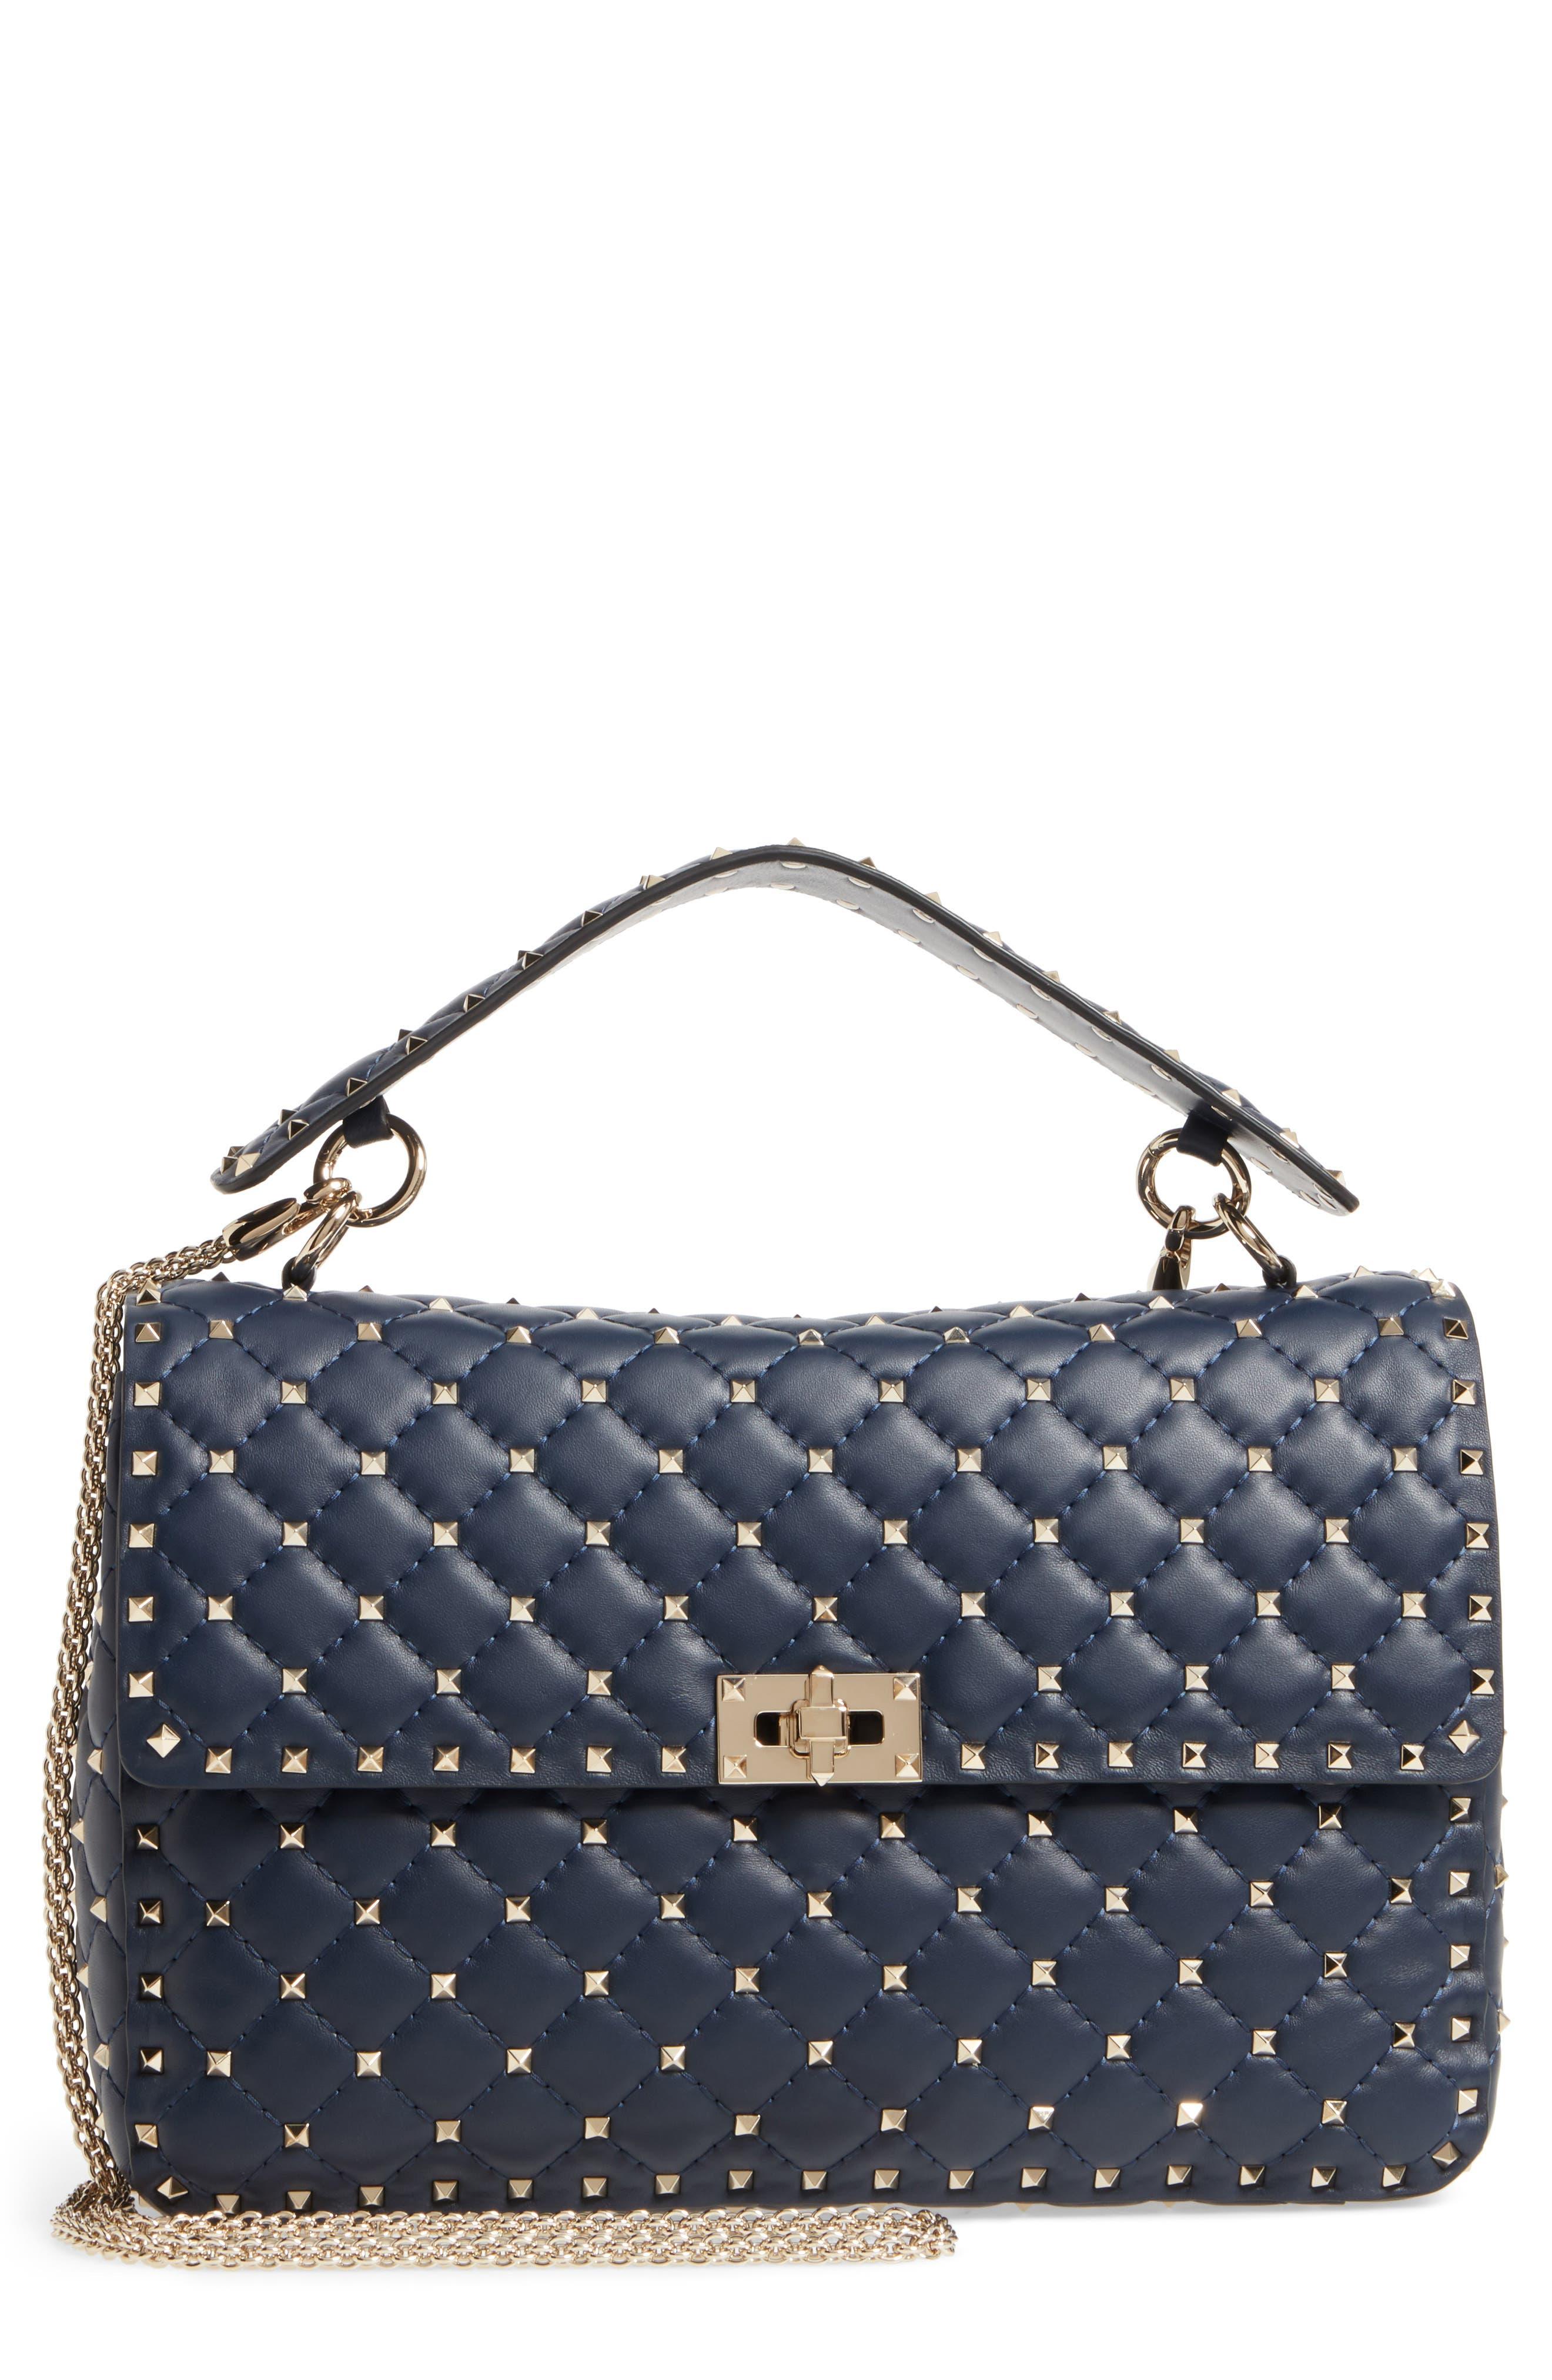 VALENTINO GARAVANI Large Rockstud Matelassé Quilted Leather Shoulder Bag